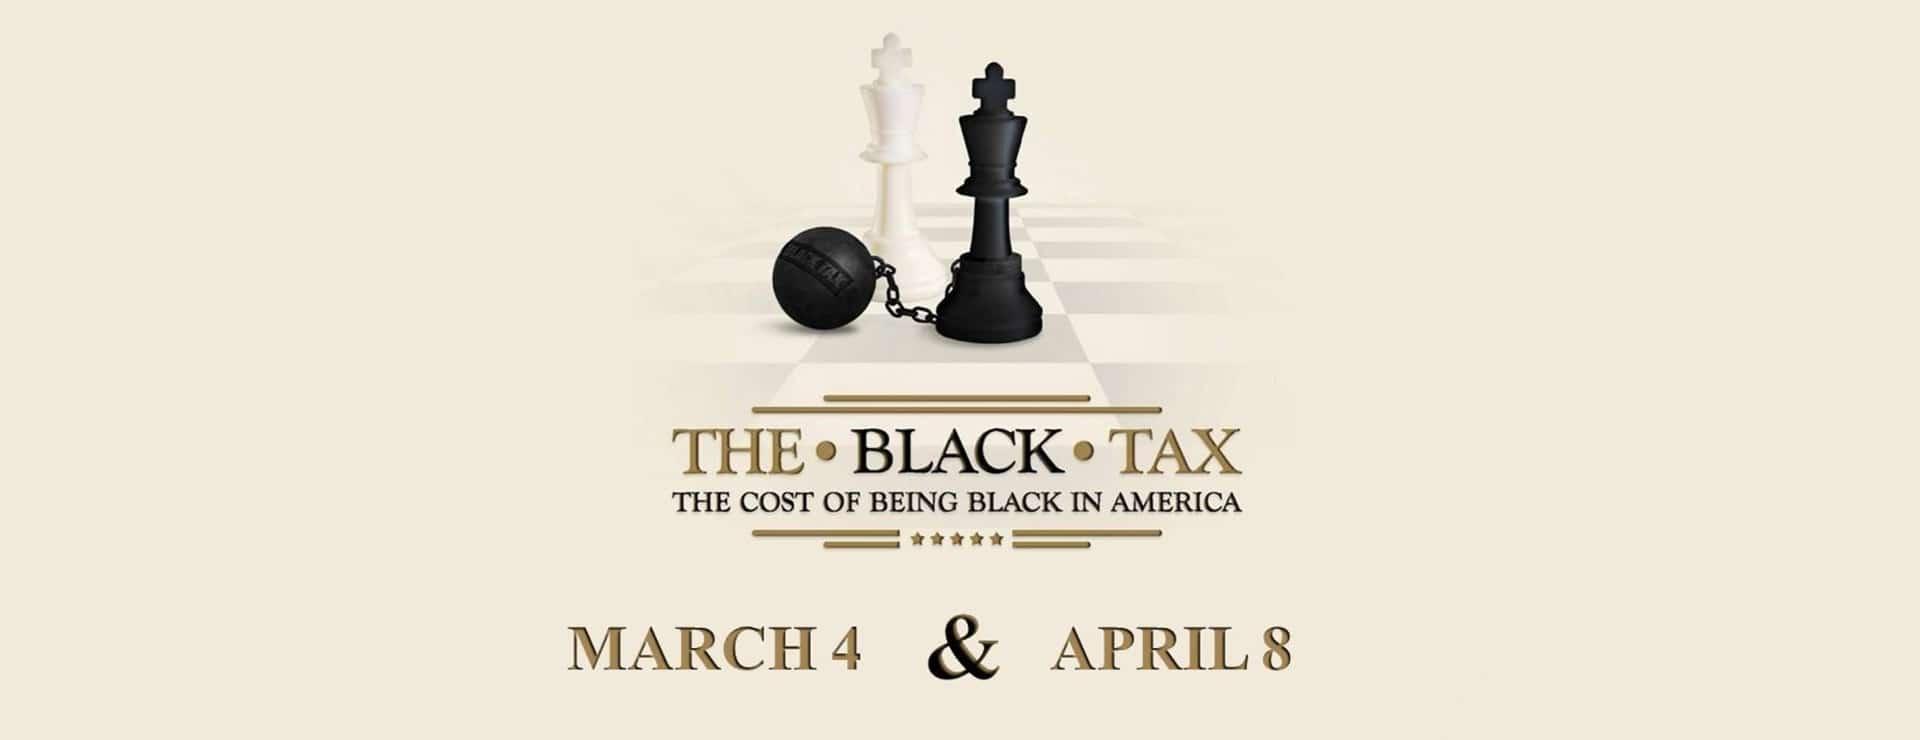 Slide for Black Tax Event